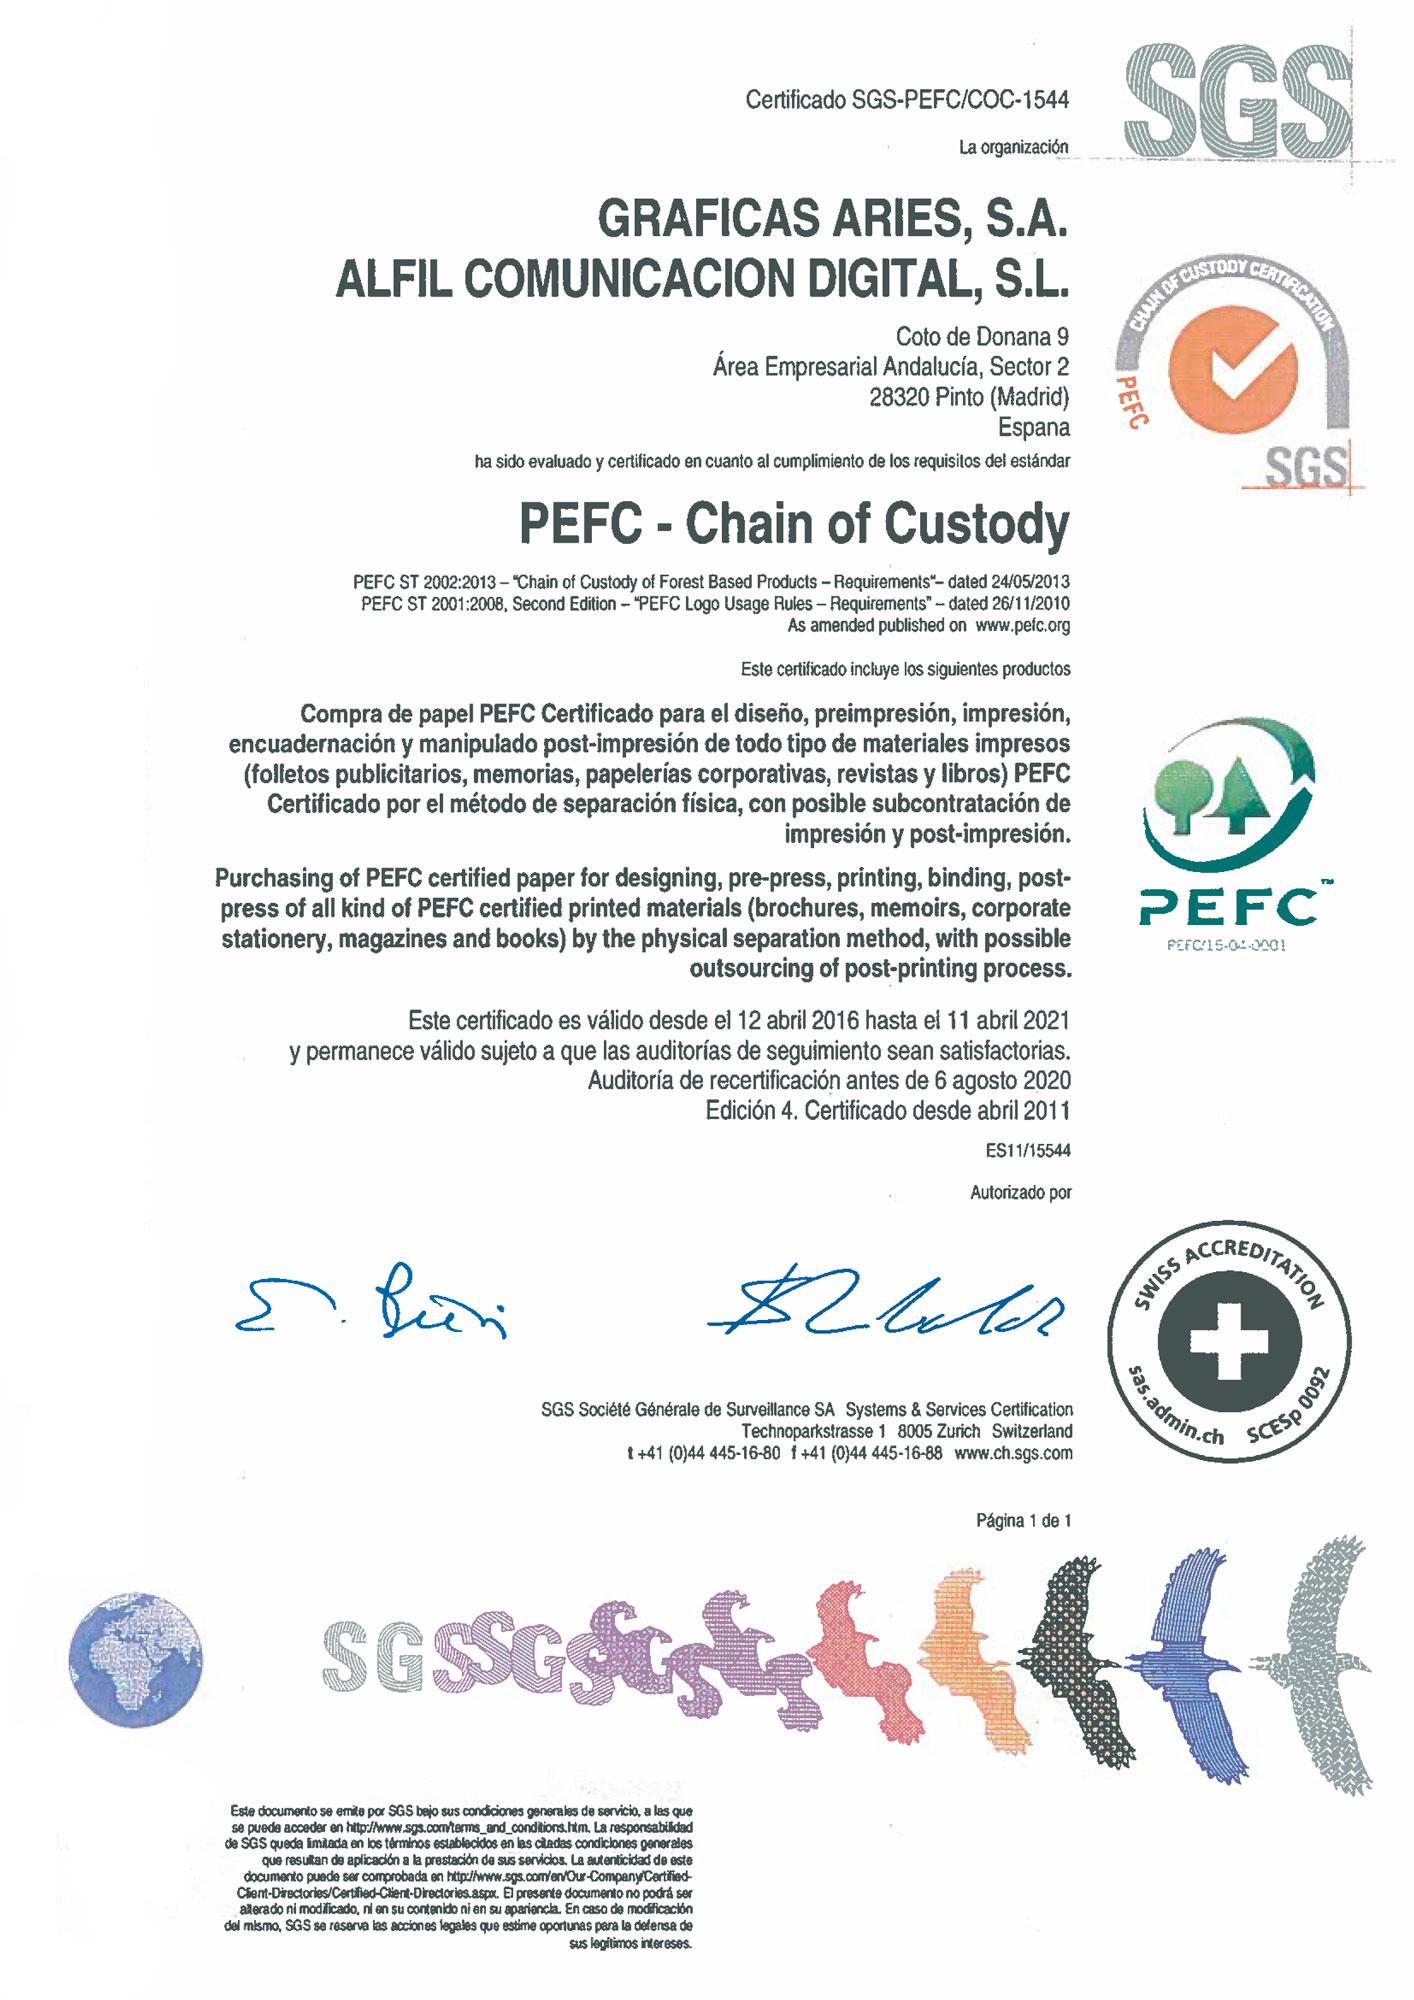 Certificado PEFC Aries